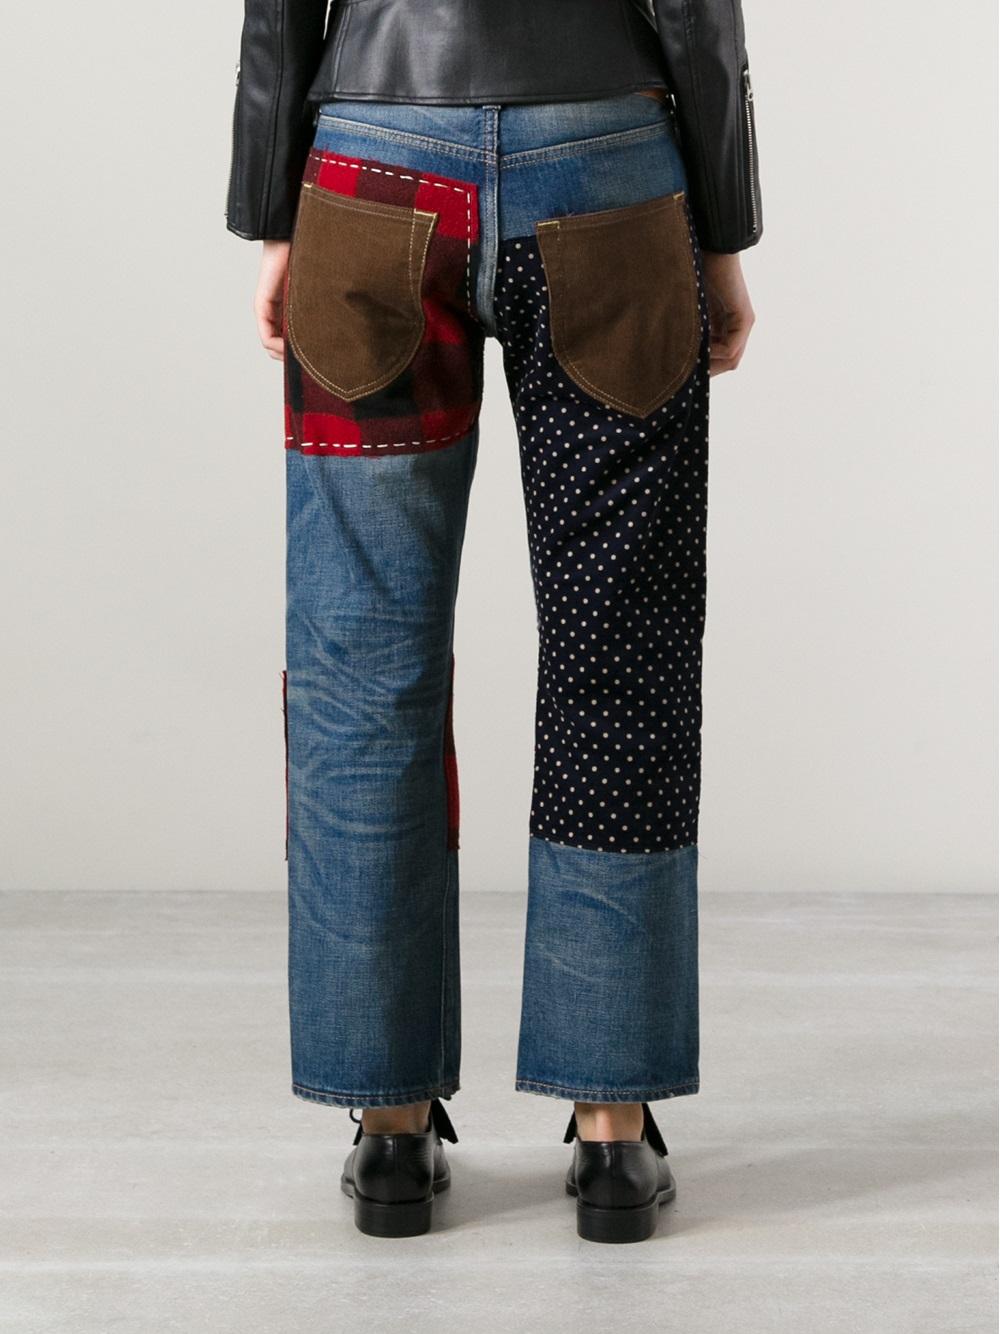 Junya Watanabe Comme Des Garçons Patchwork Jeans - Bernardelli - Farfetch.com_files.jpg